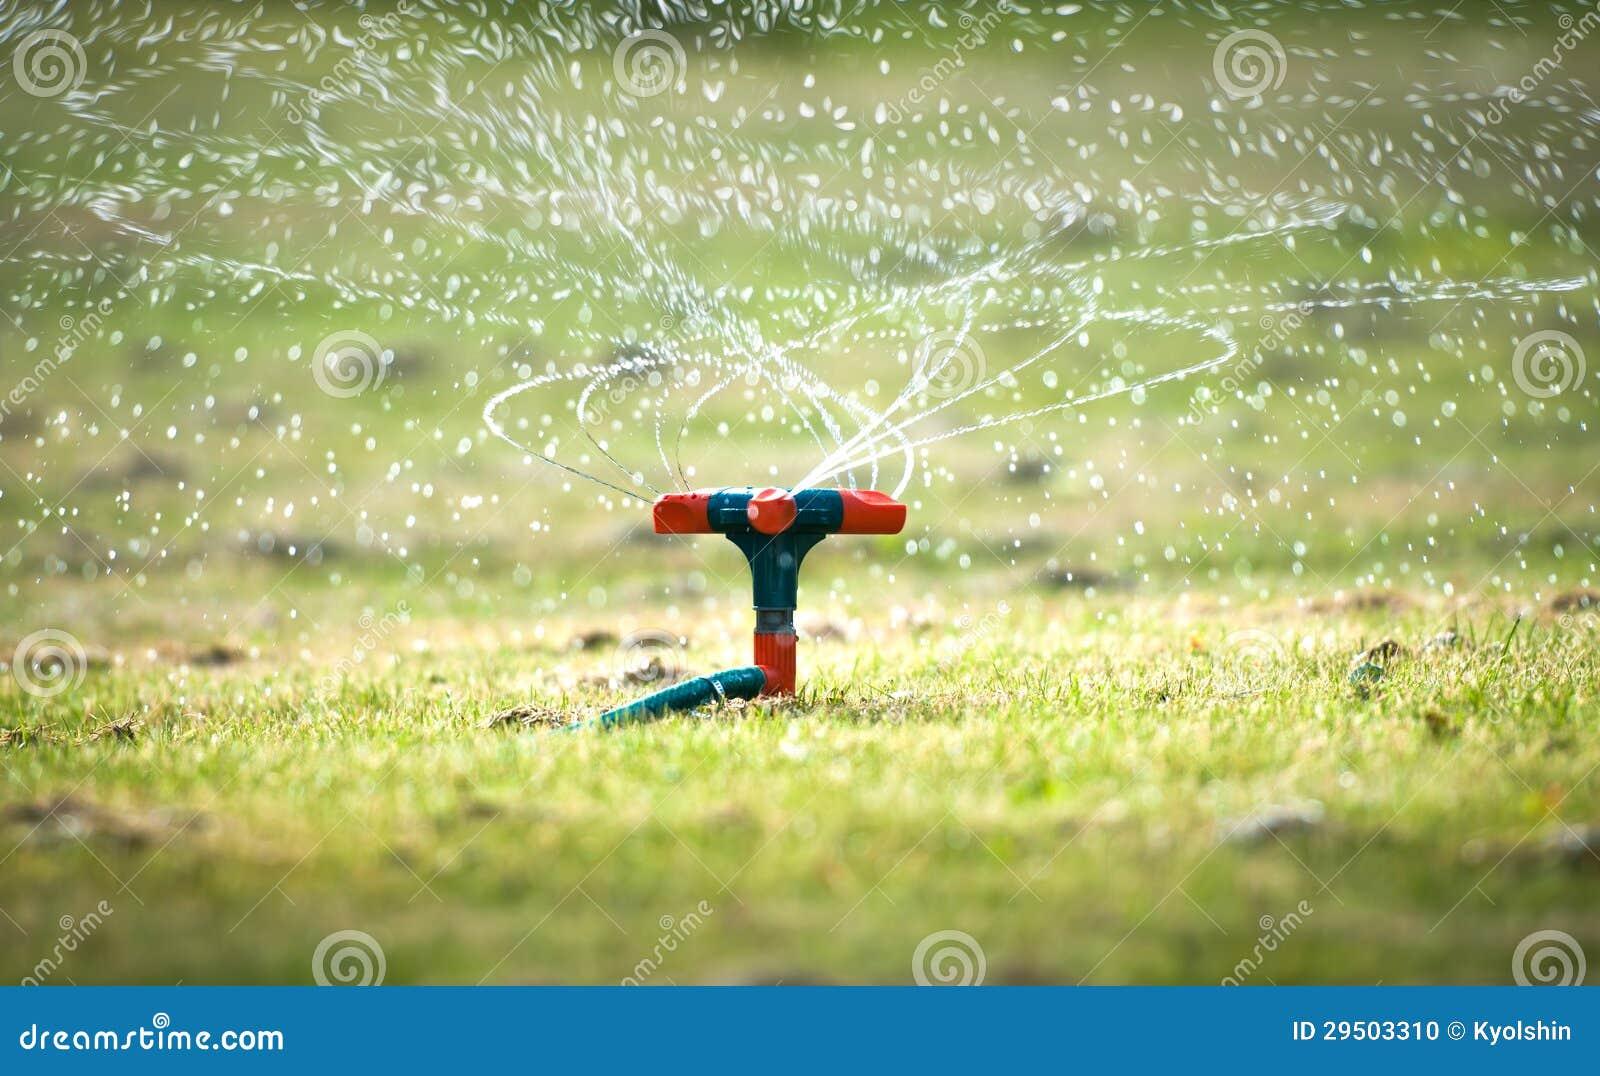 Het water geven van de tuin systeem met spiraalvormige nevels.